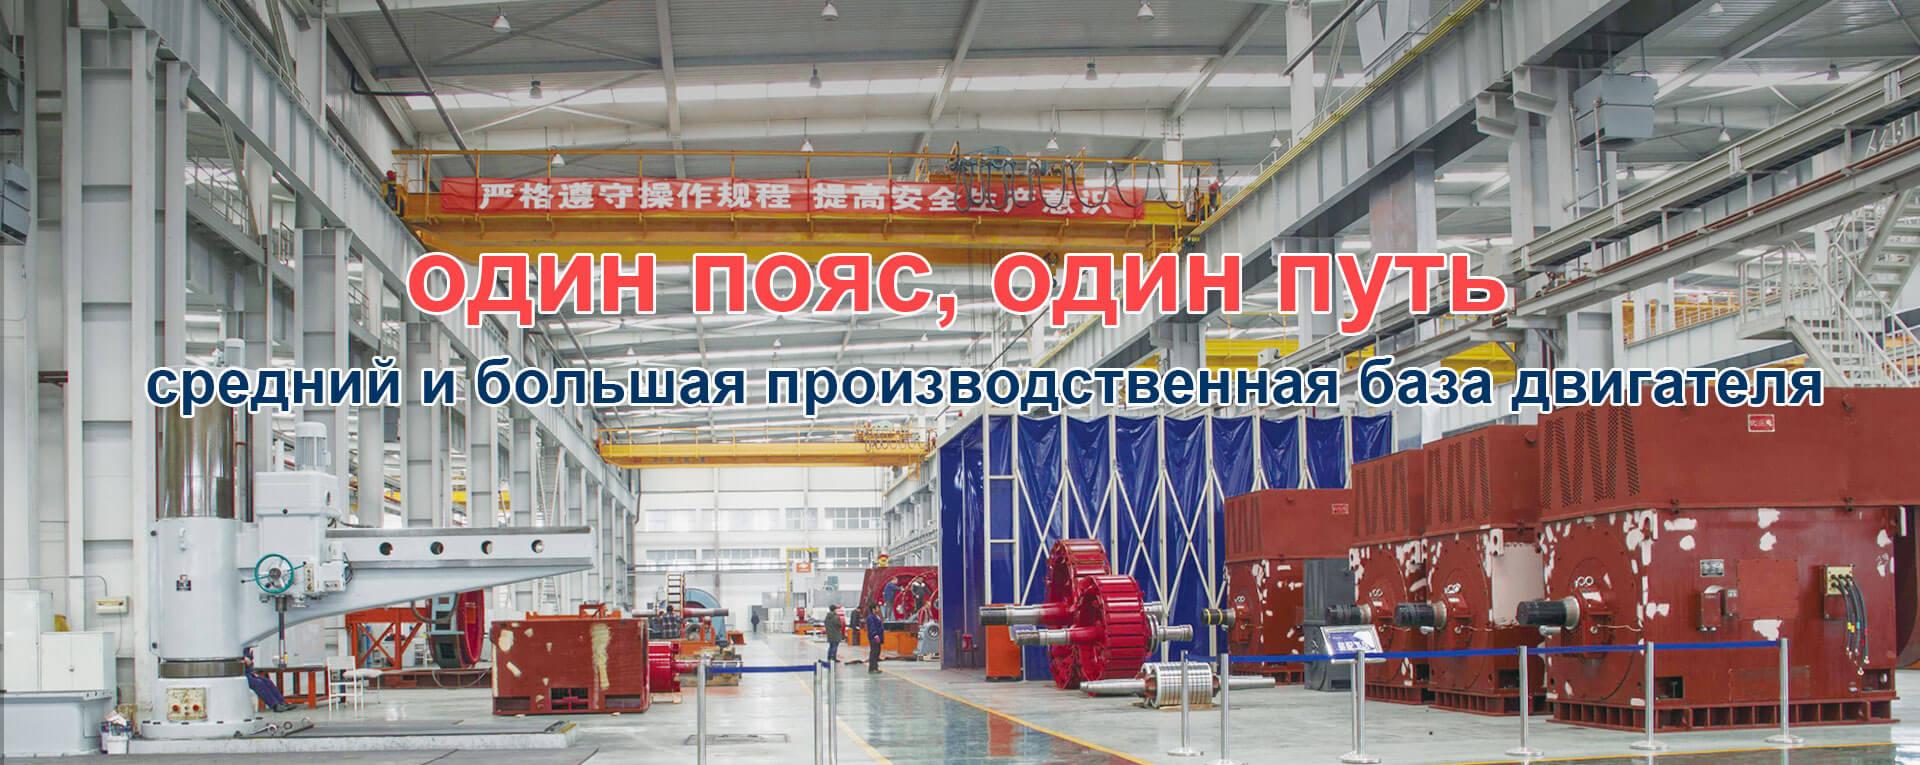 База производства средних и больших двигателей